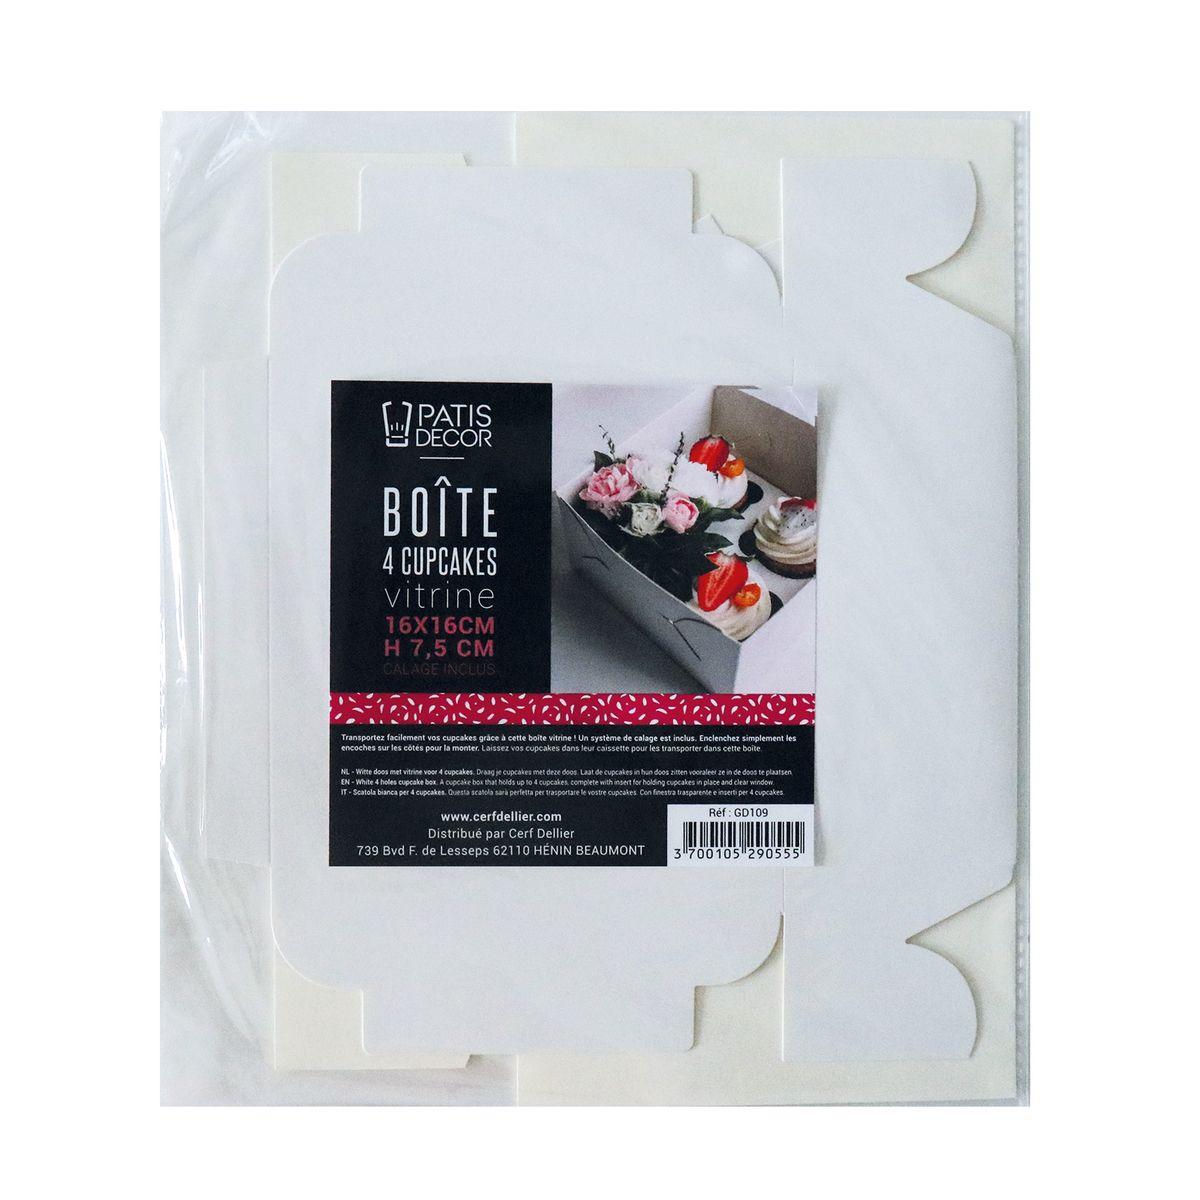 Boîte de transport 4 cupcakes en carton blanc 16 x 16 x 7.5 cm - Patisdecor